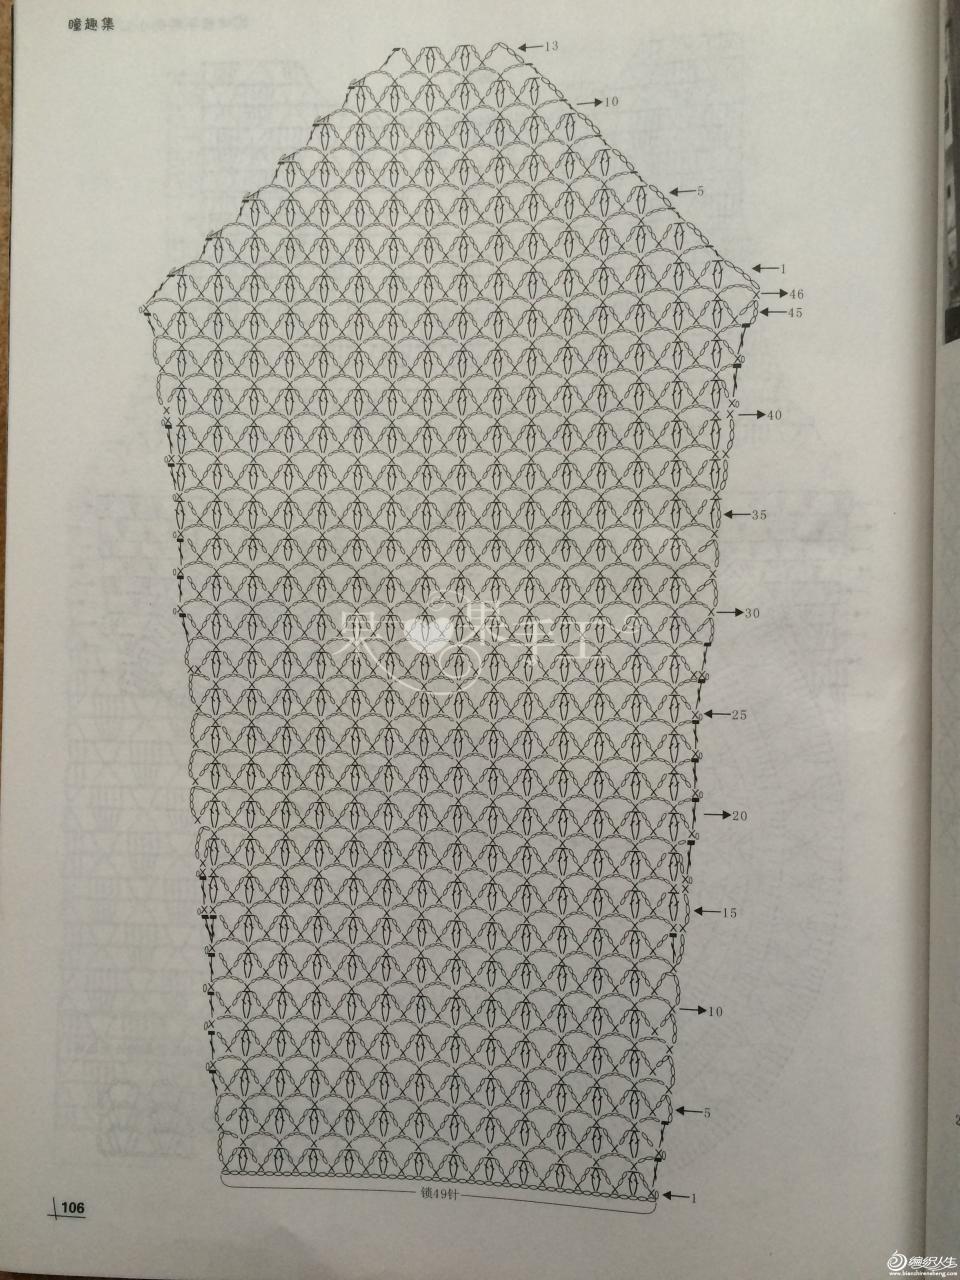 patrones-para-hacer-una-blusa-cola-de-pato-a-crochet-8 | Tejido ...